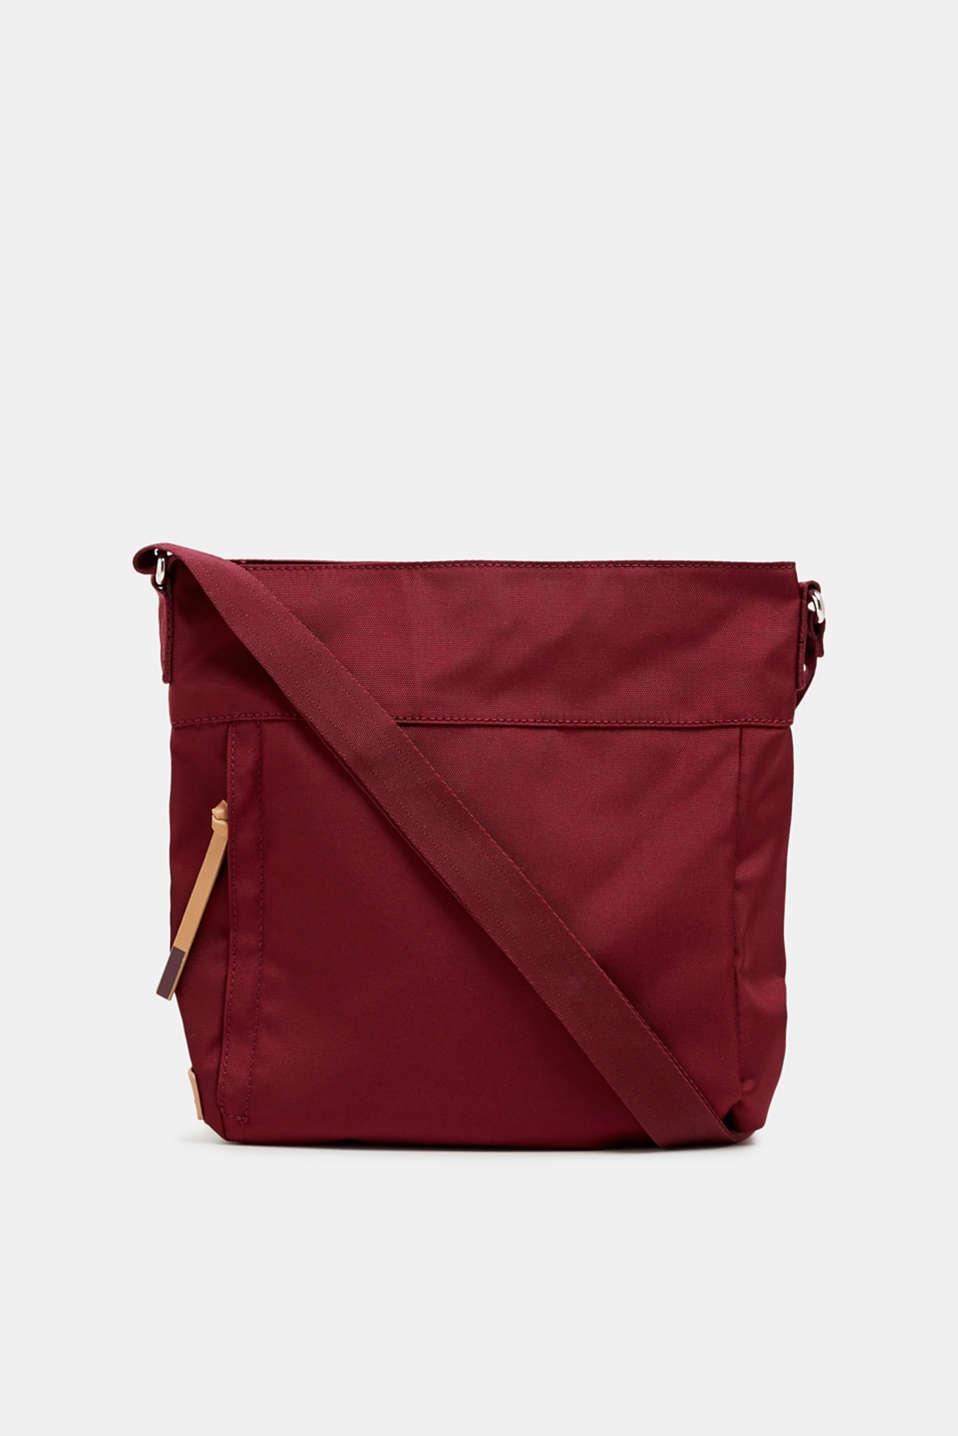 Nylon shoulder bag, BORDEAUX RED, detail image number 0